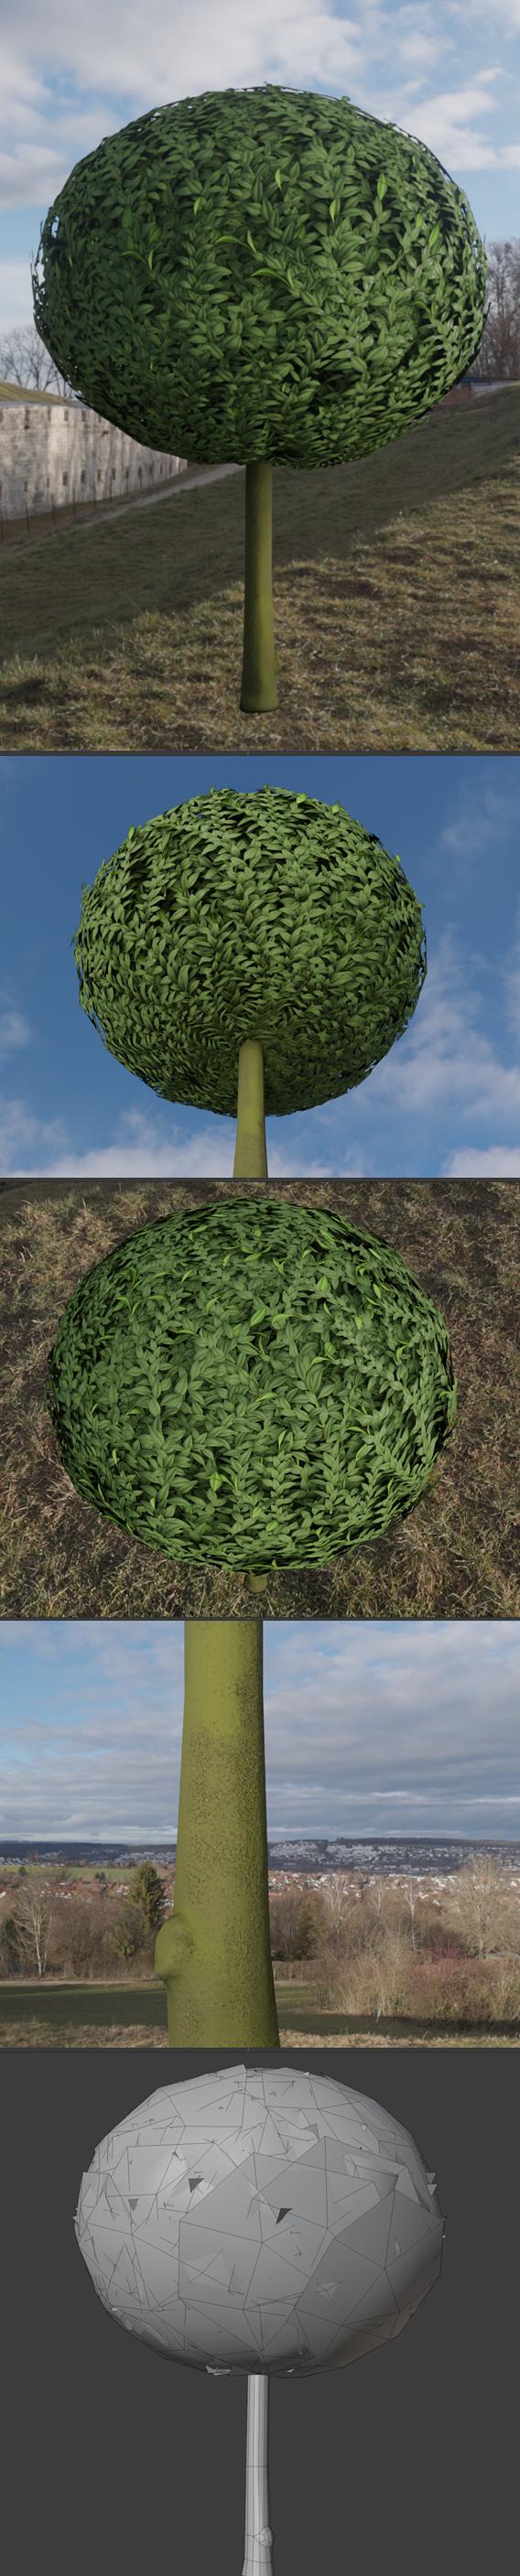 Box Tree 1 m Low-poly (Blender-2.91 Eevee)